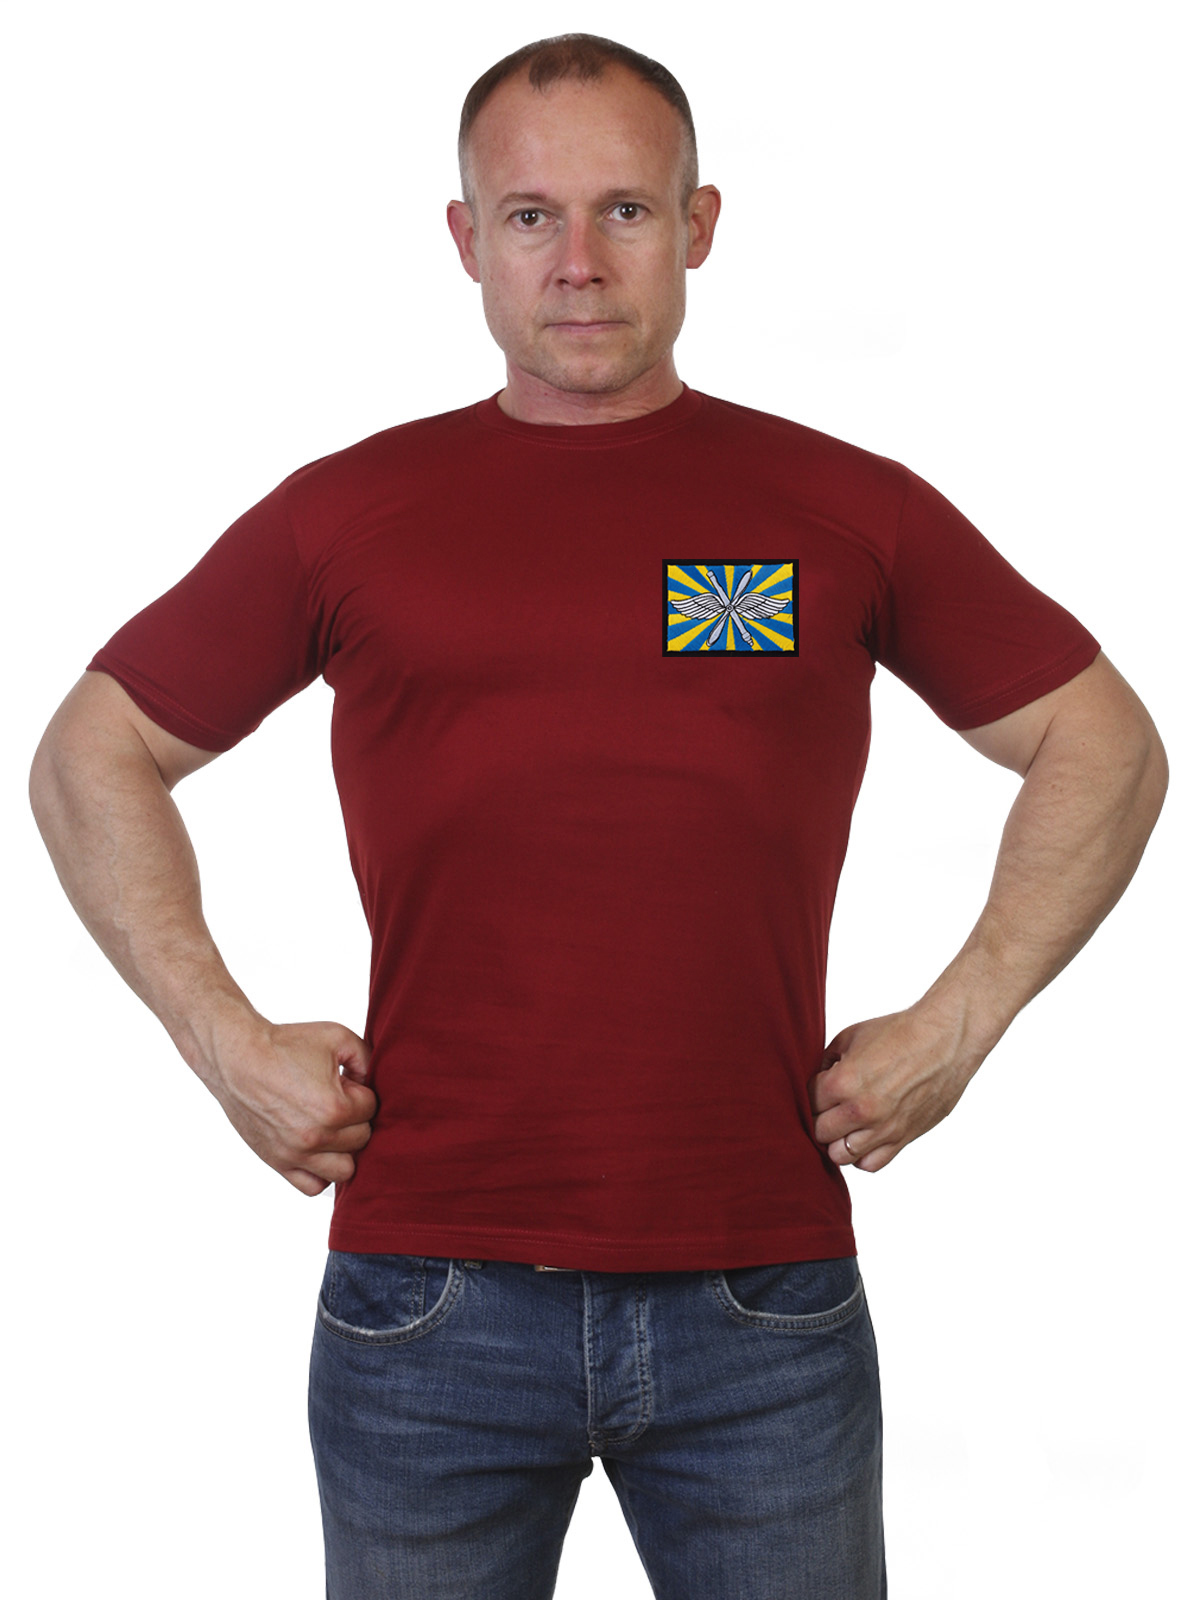 Заказать футболку ВВС в Москве